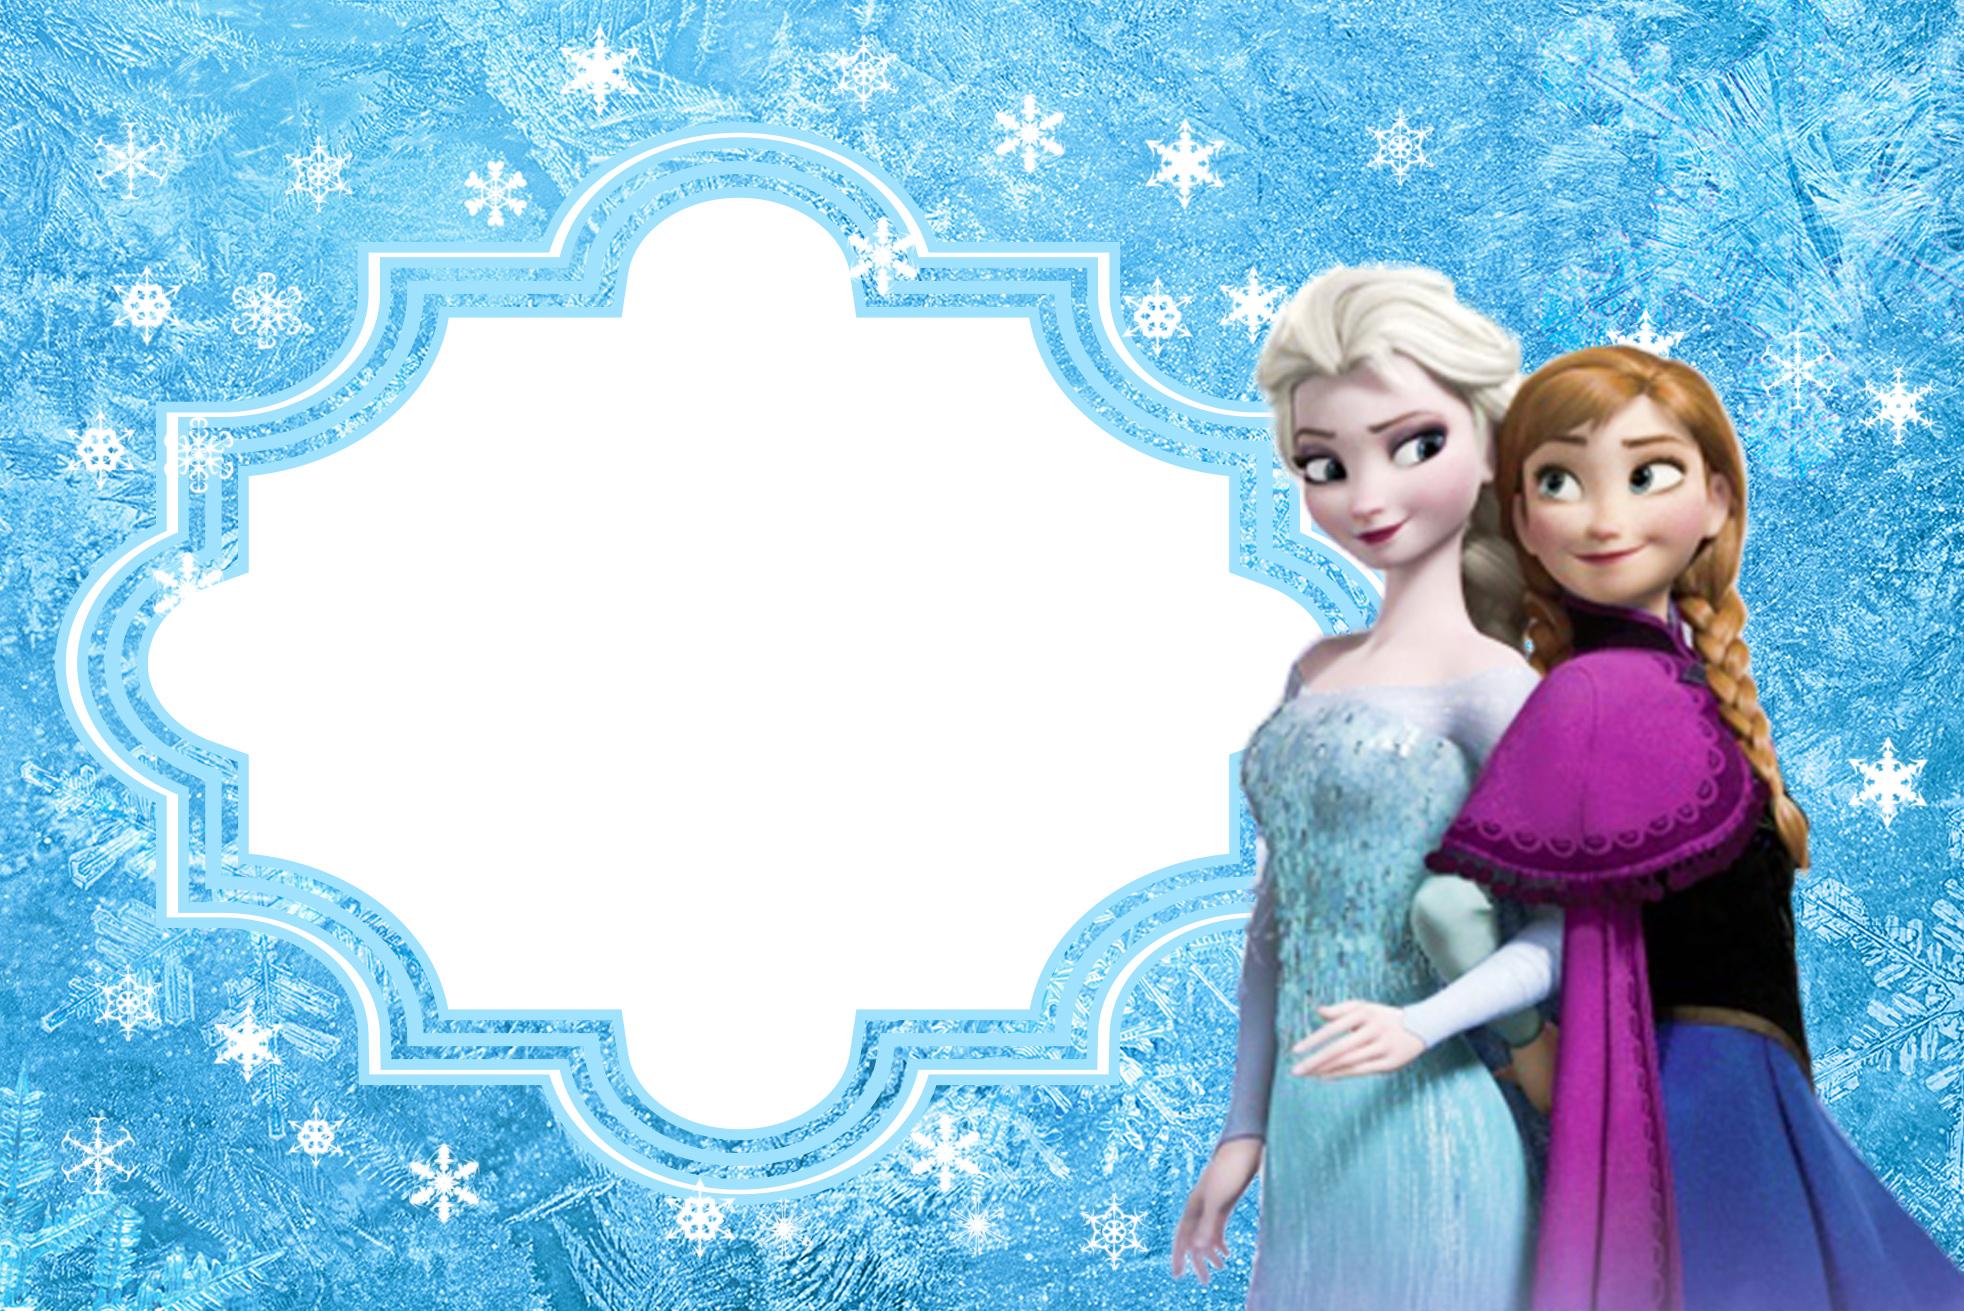 Imagens Frozen Uma Aventura Congelante Beautiful kit completo frozen disney - uma aventura congelante!